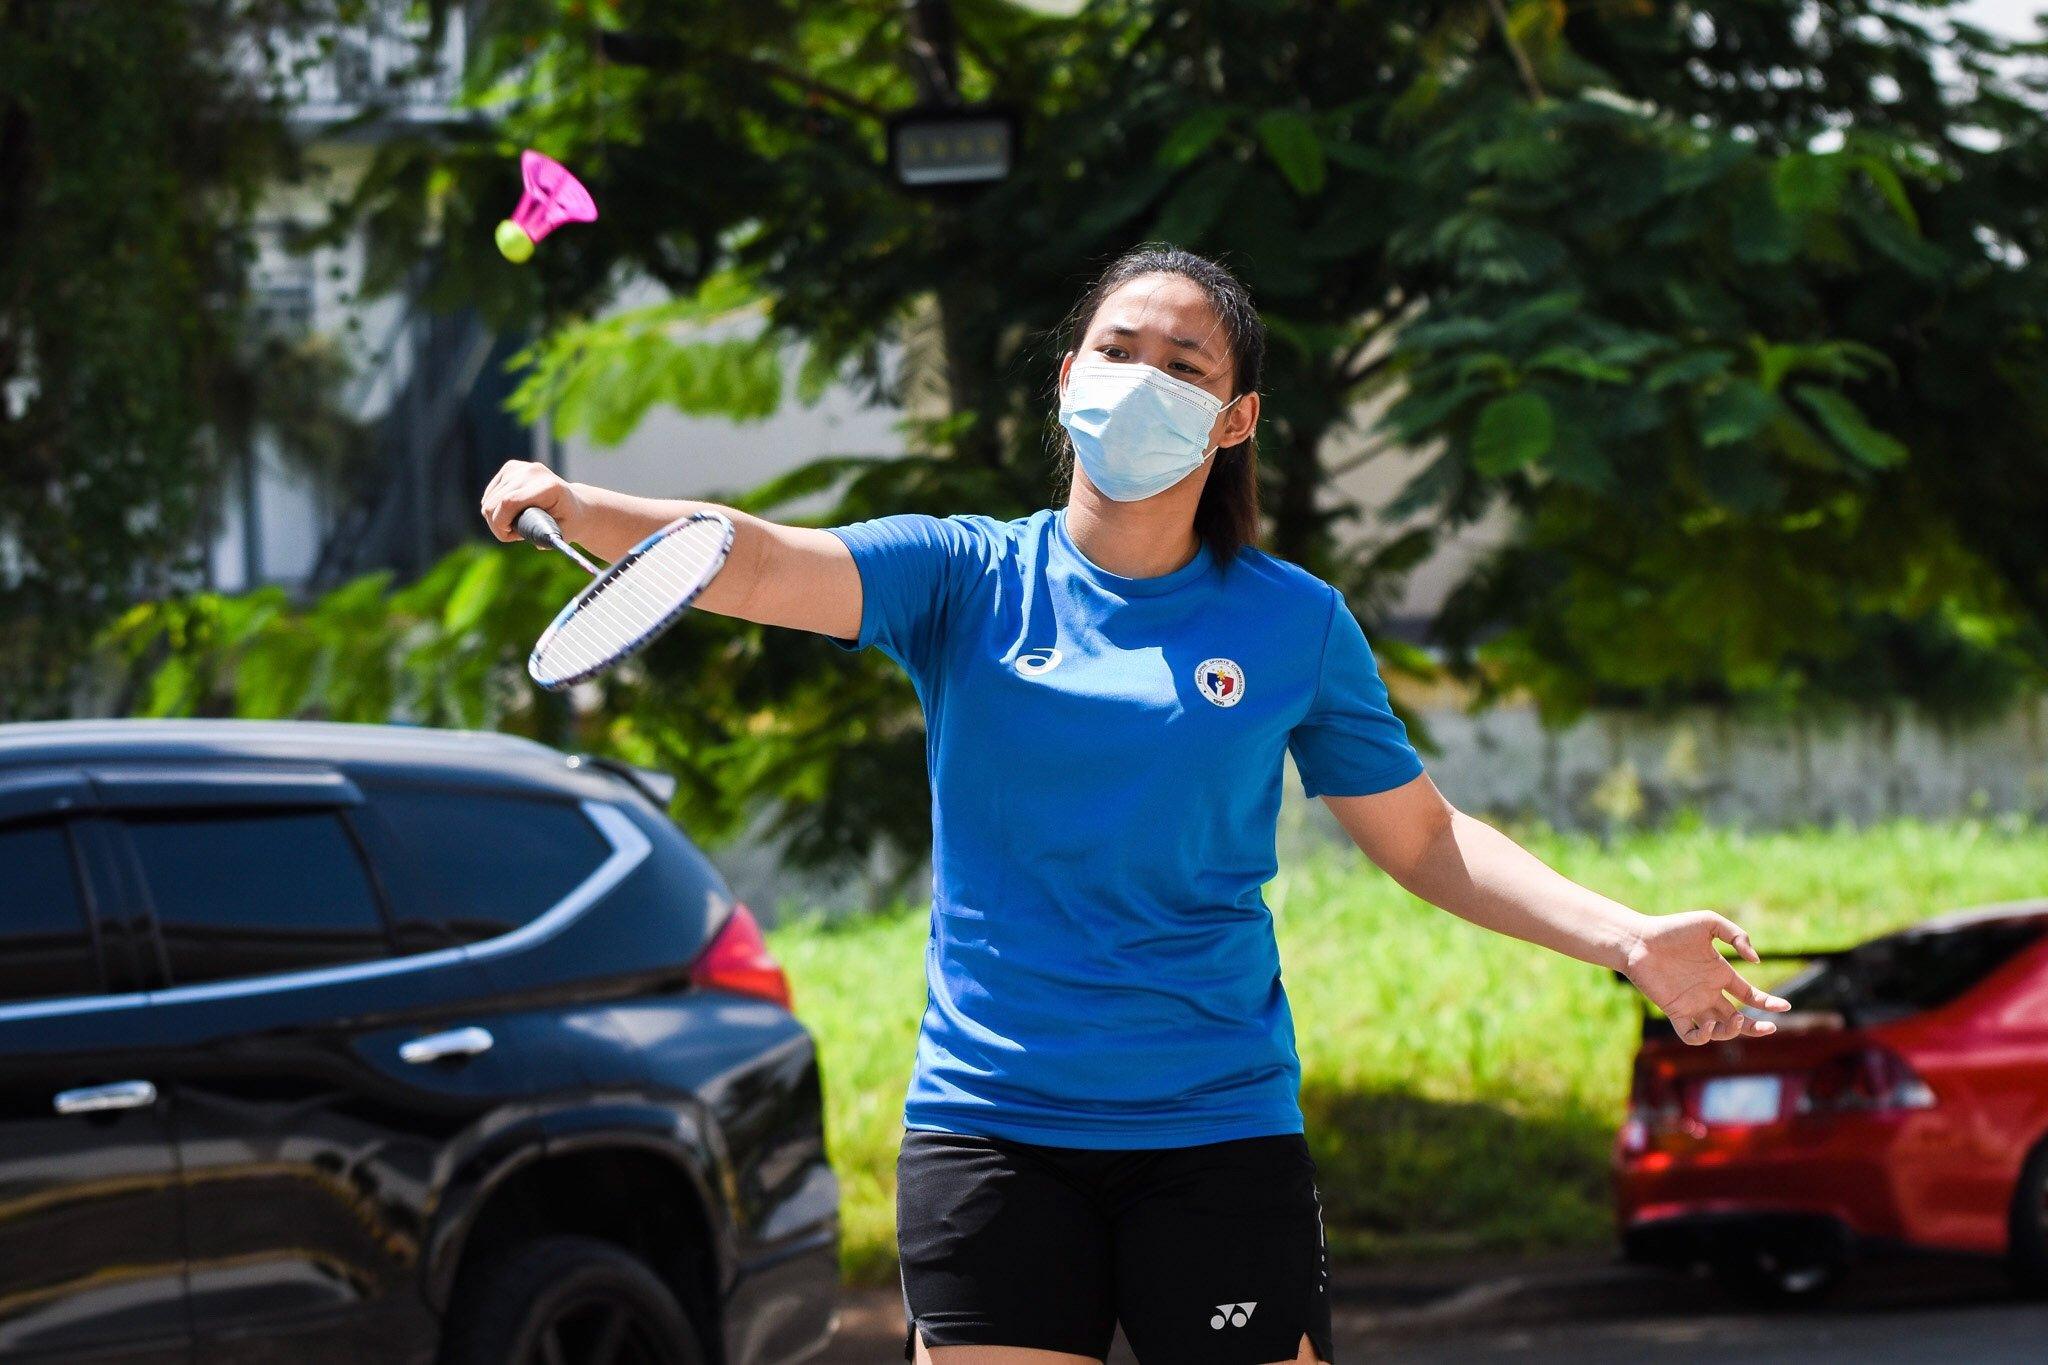 Airbadminton-Sarah-Barredo Smash Pilipinas' Pedrosa, Barredo try airbadminton Air Badminton News  - philippine sports news